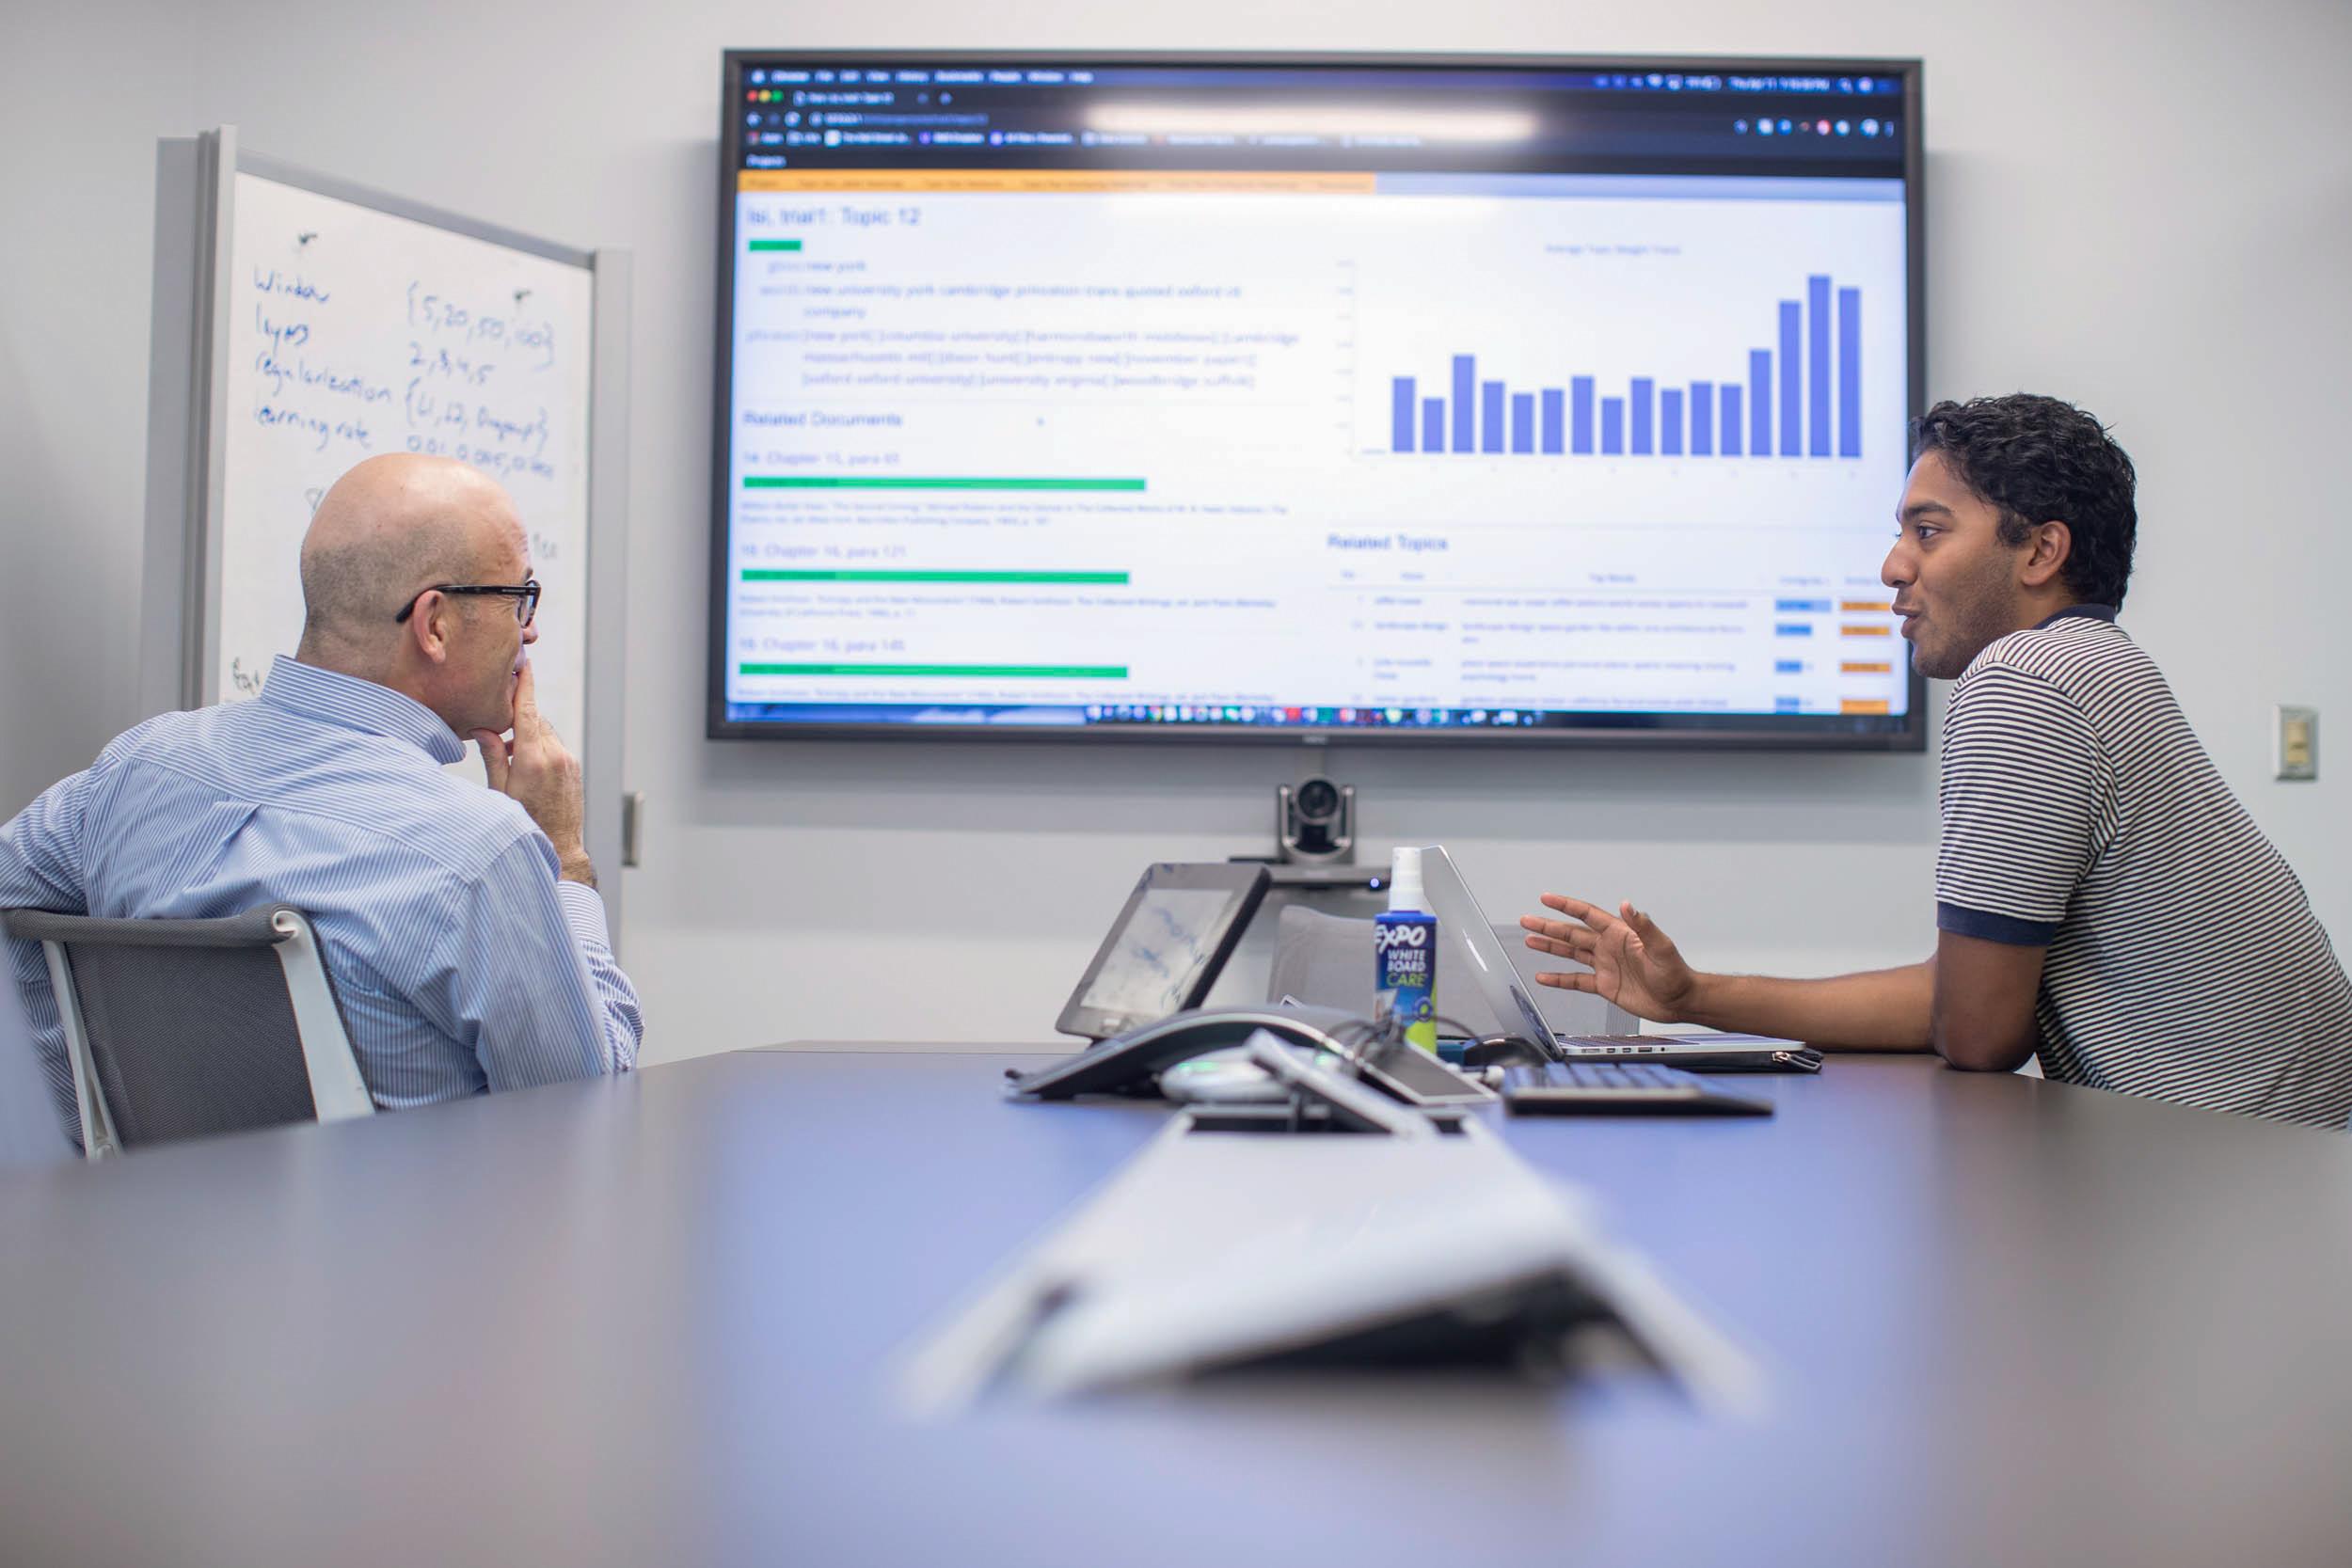 Samuel discusses his capstone project this spring with Rafael Alvarado, the program director of the Data Science Institute.